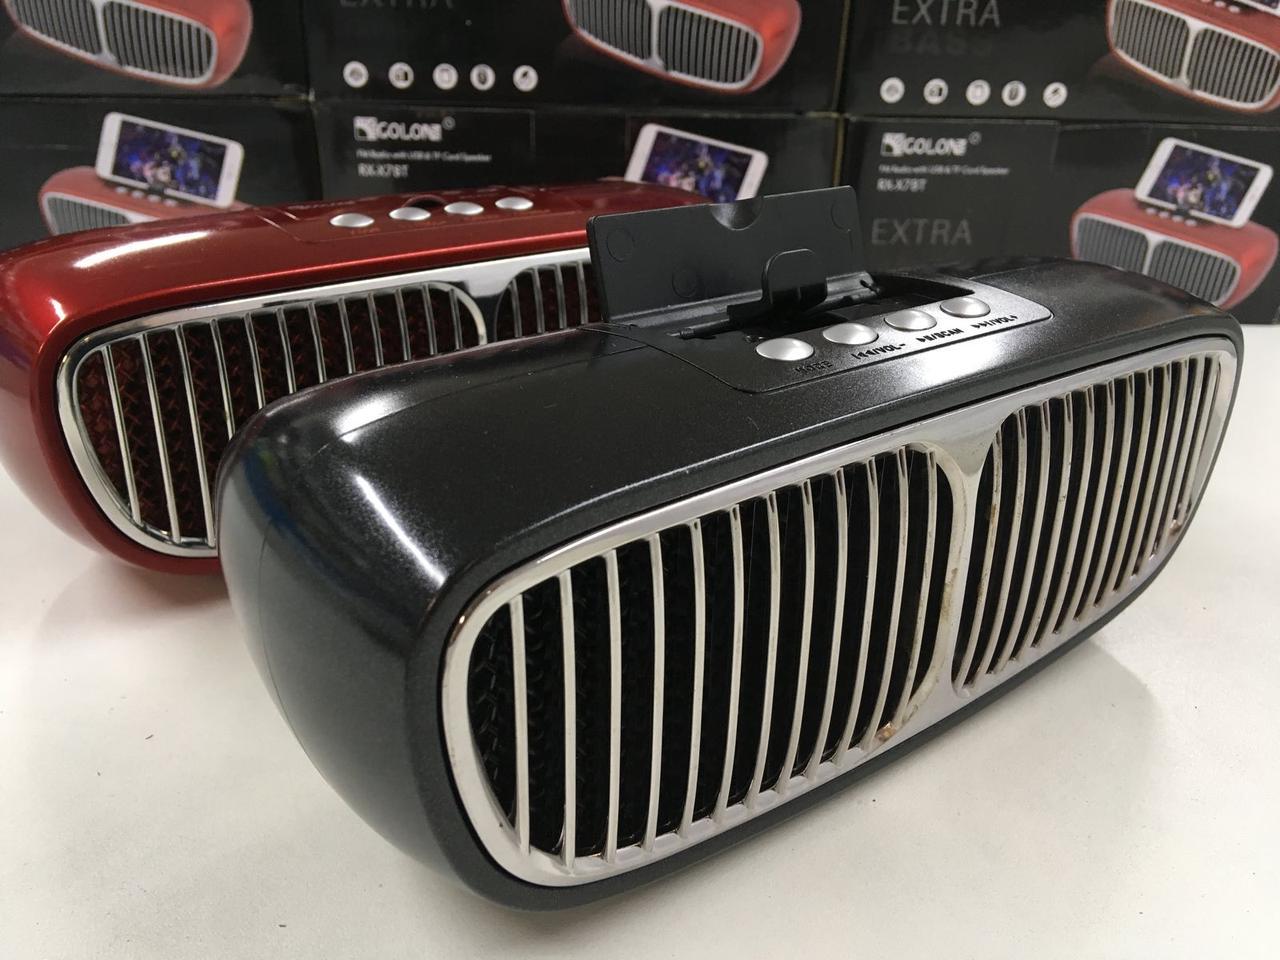 Портативная колонкаGOLON RX-X7BT BluetoothMini-speaker